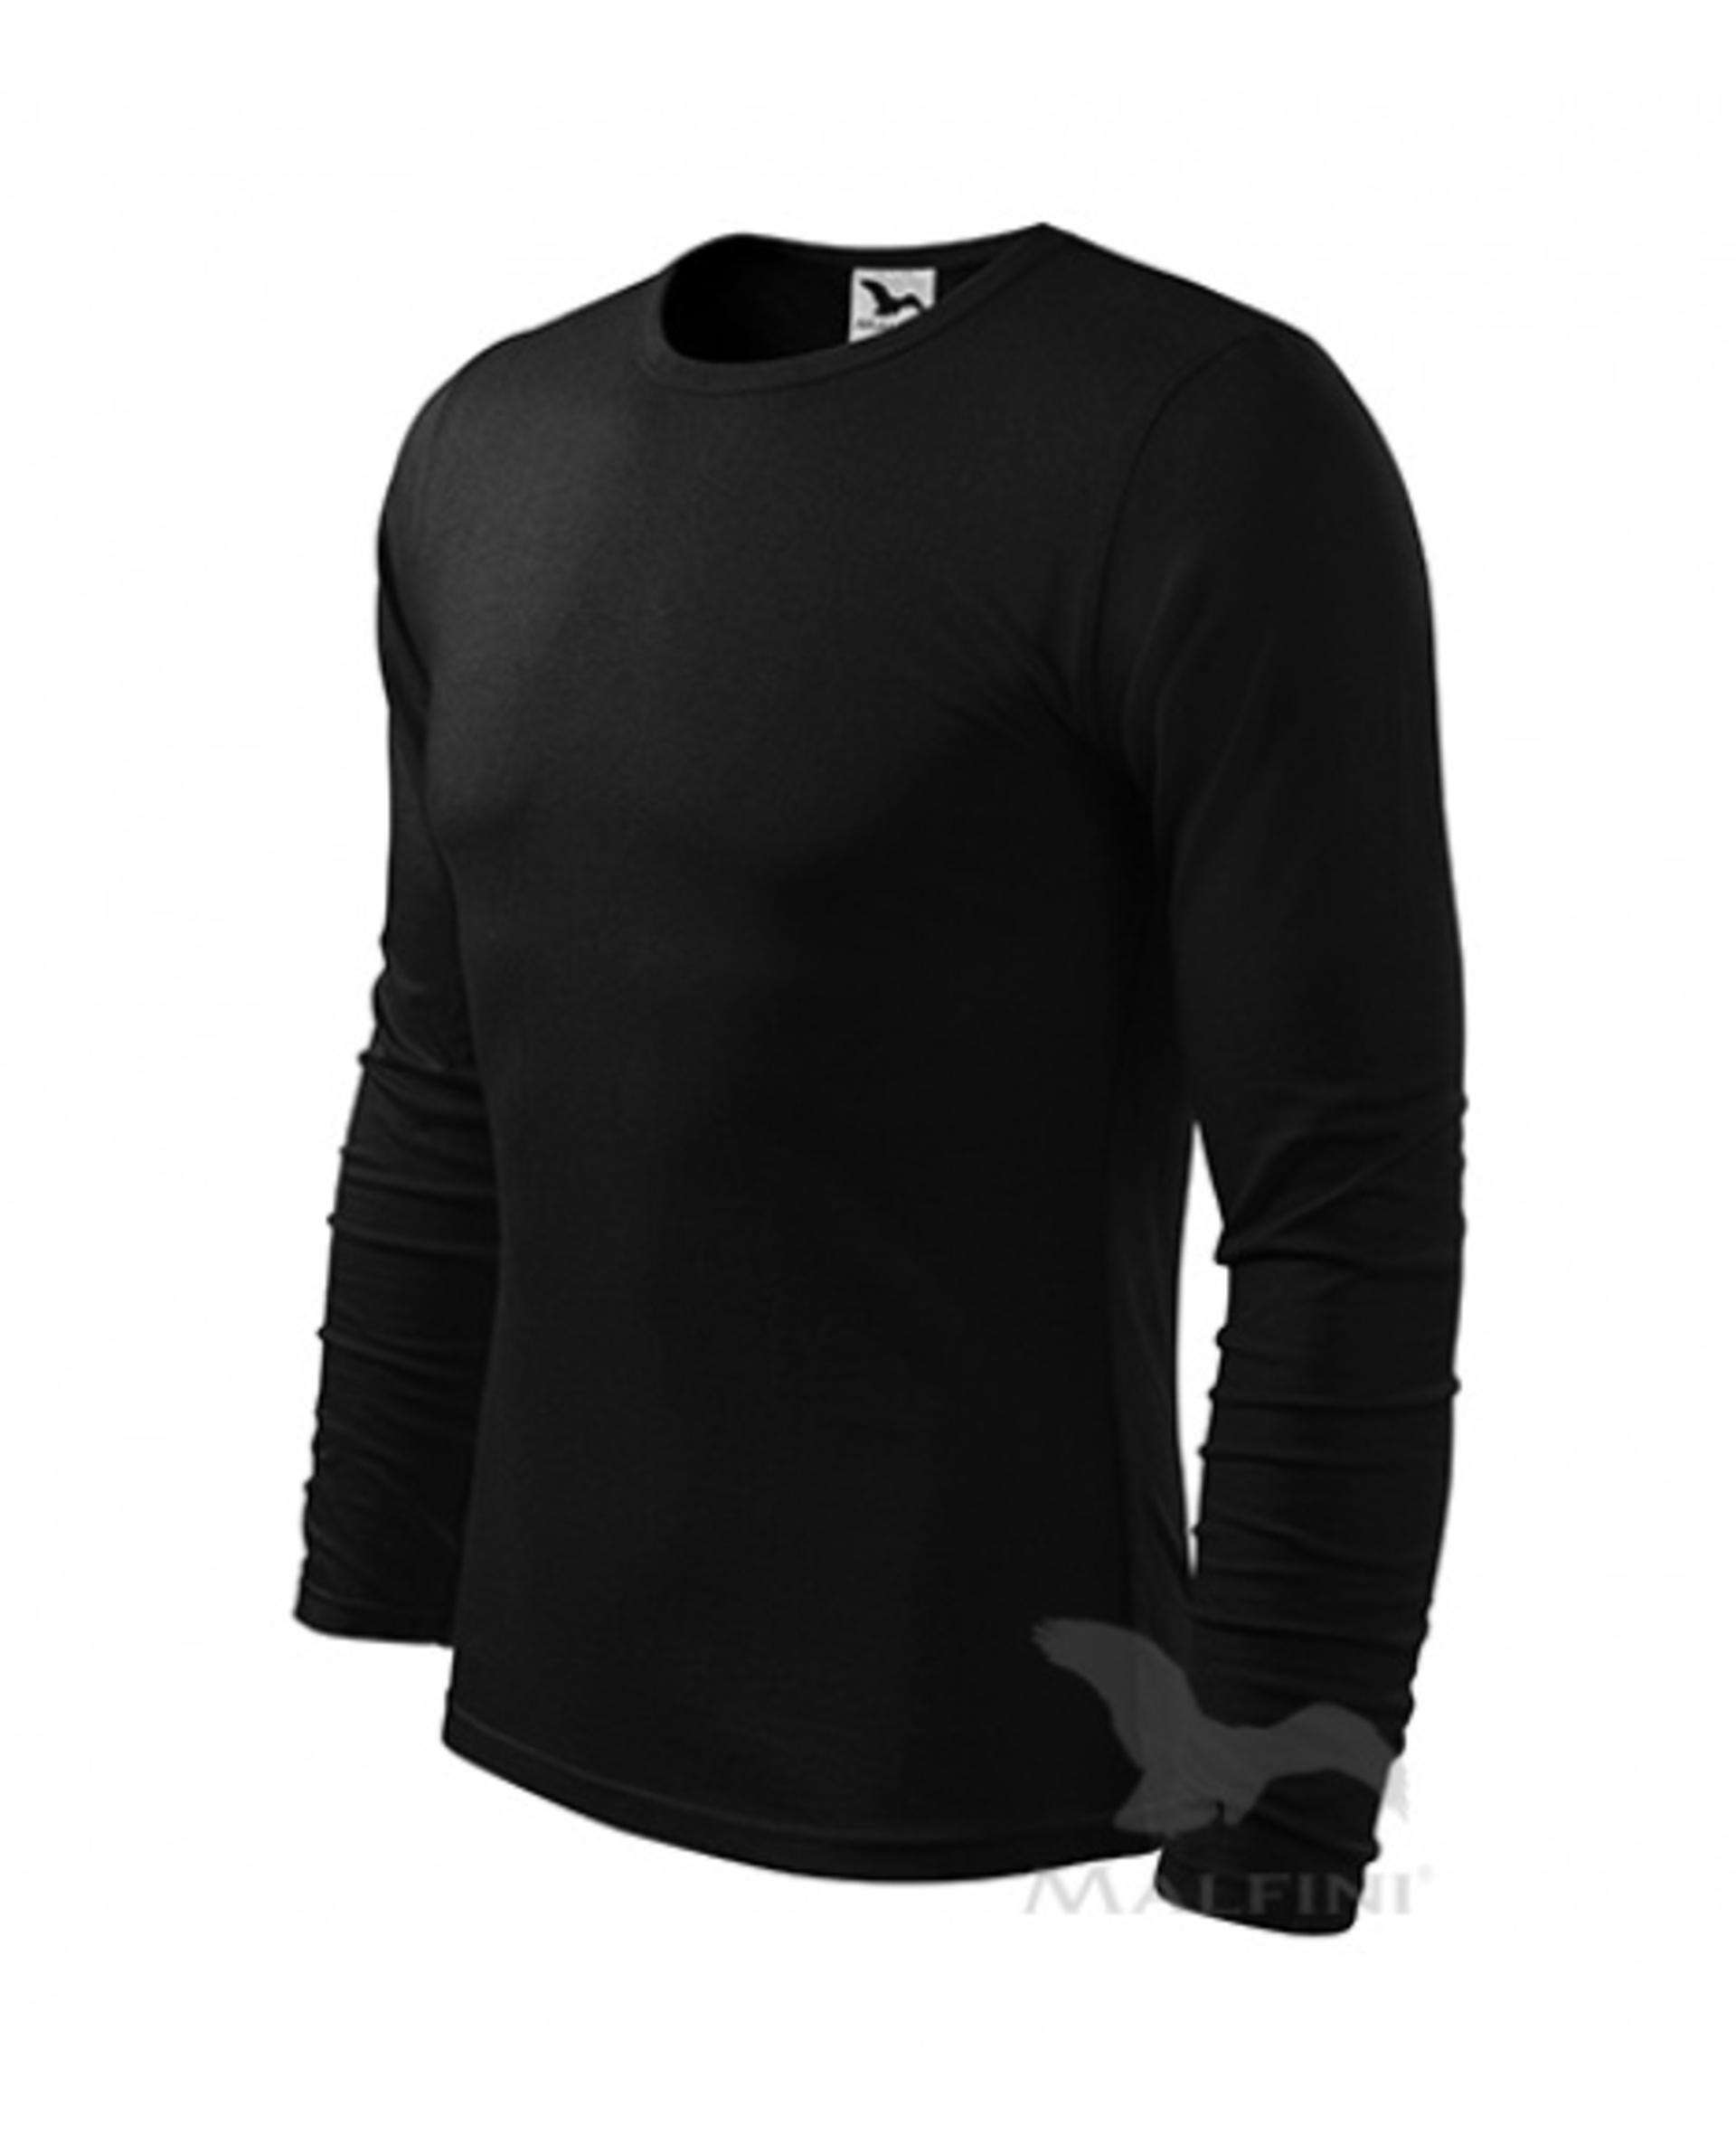 ADLER FIT-T LONG SLEEVE pánské dlouhý rukáv Tričko černá XL